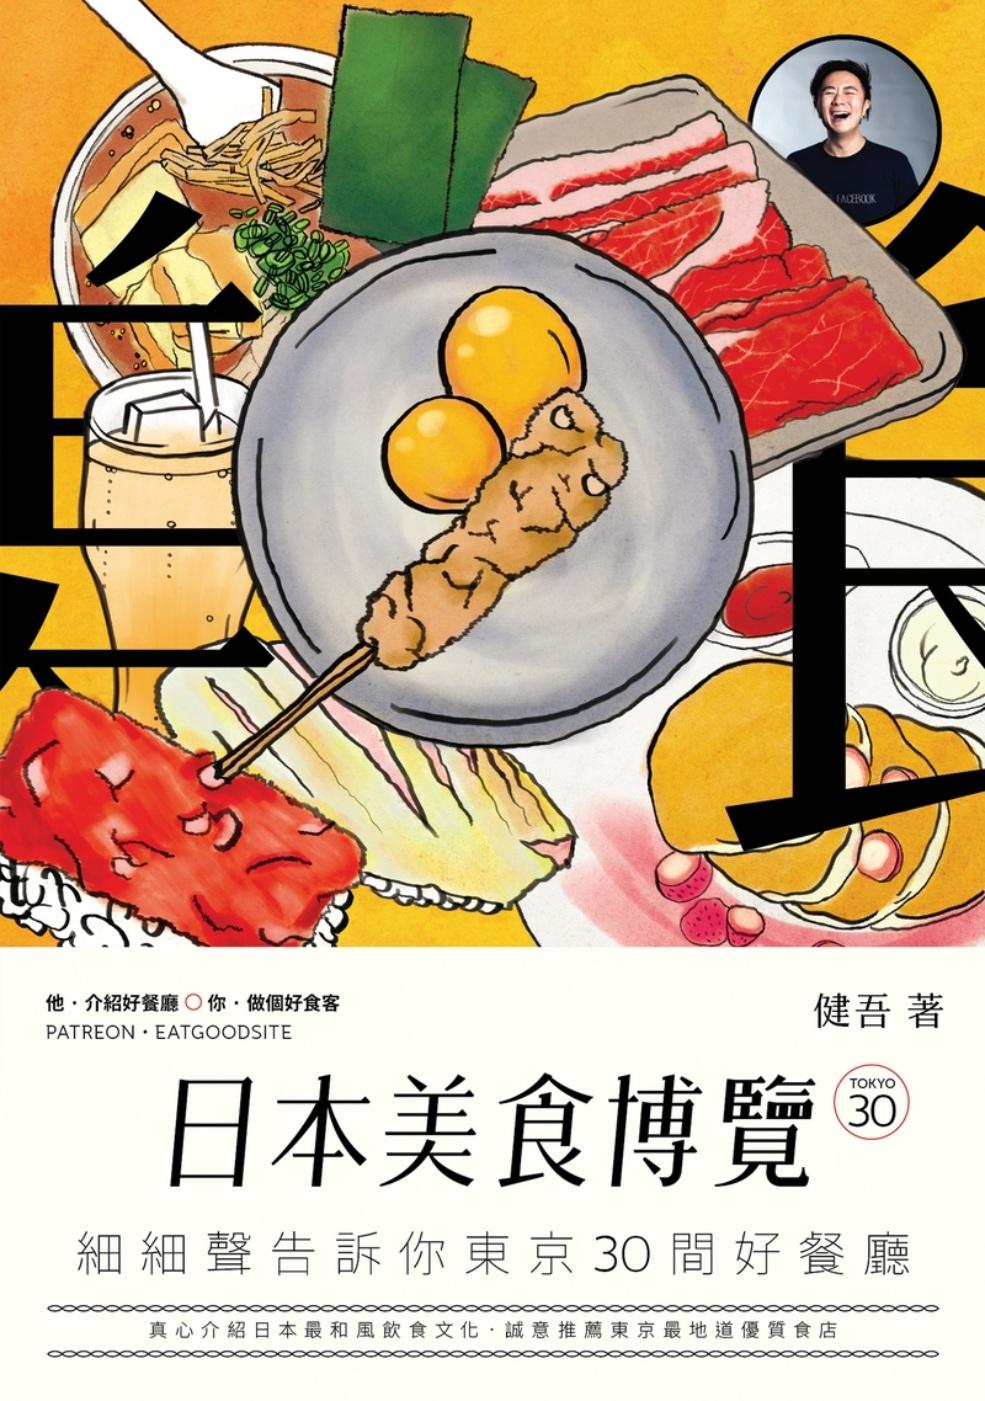 日本美食博覽:細細聲告訴你30...